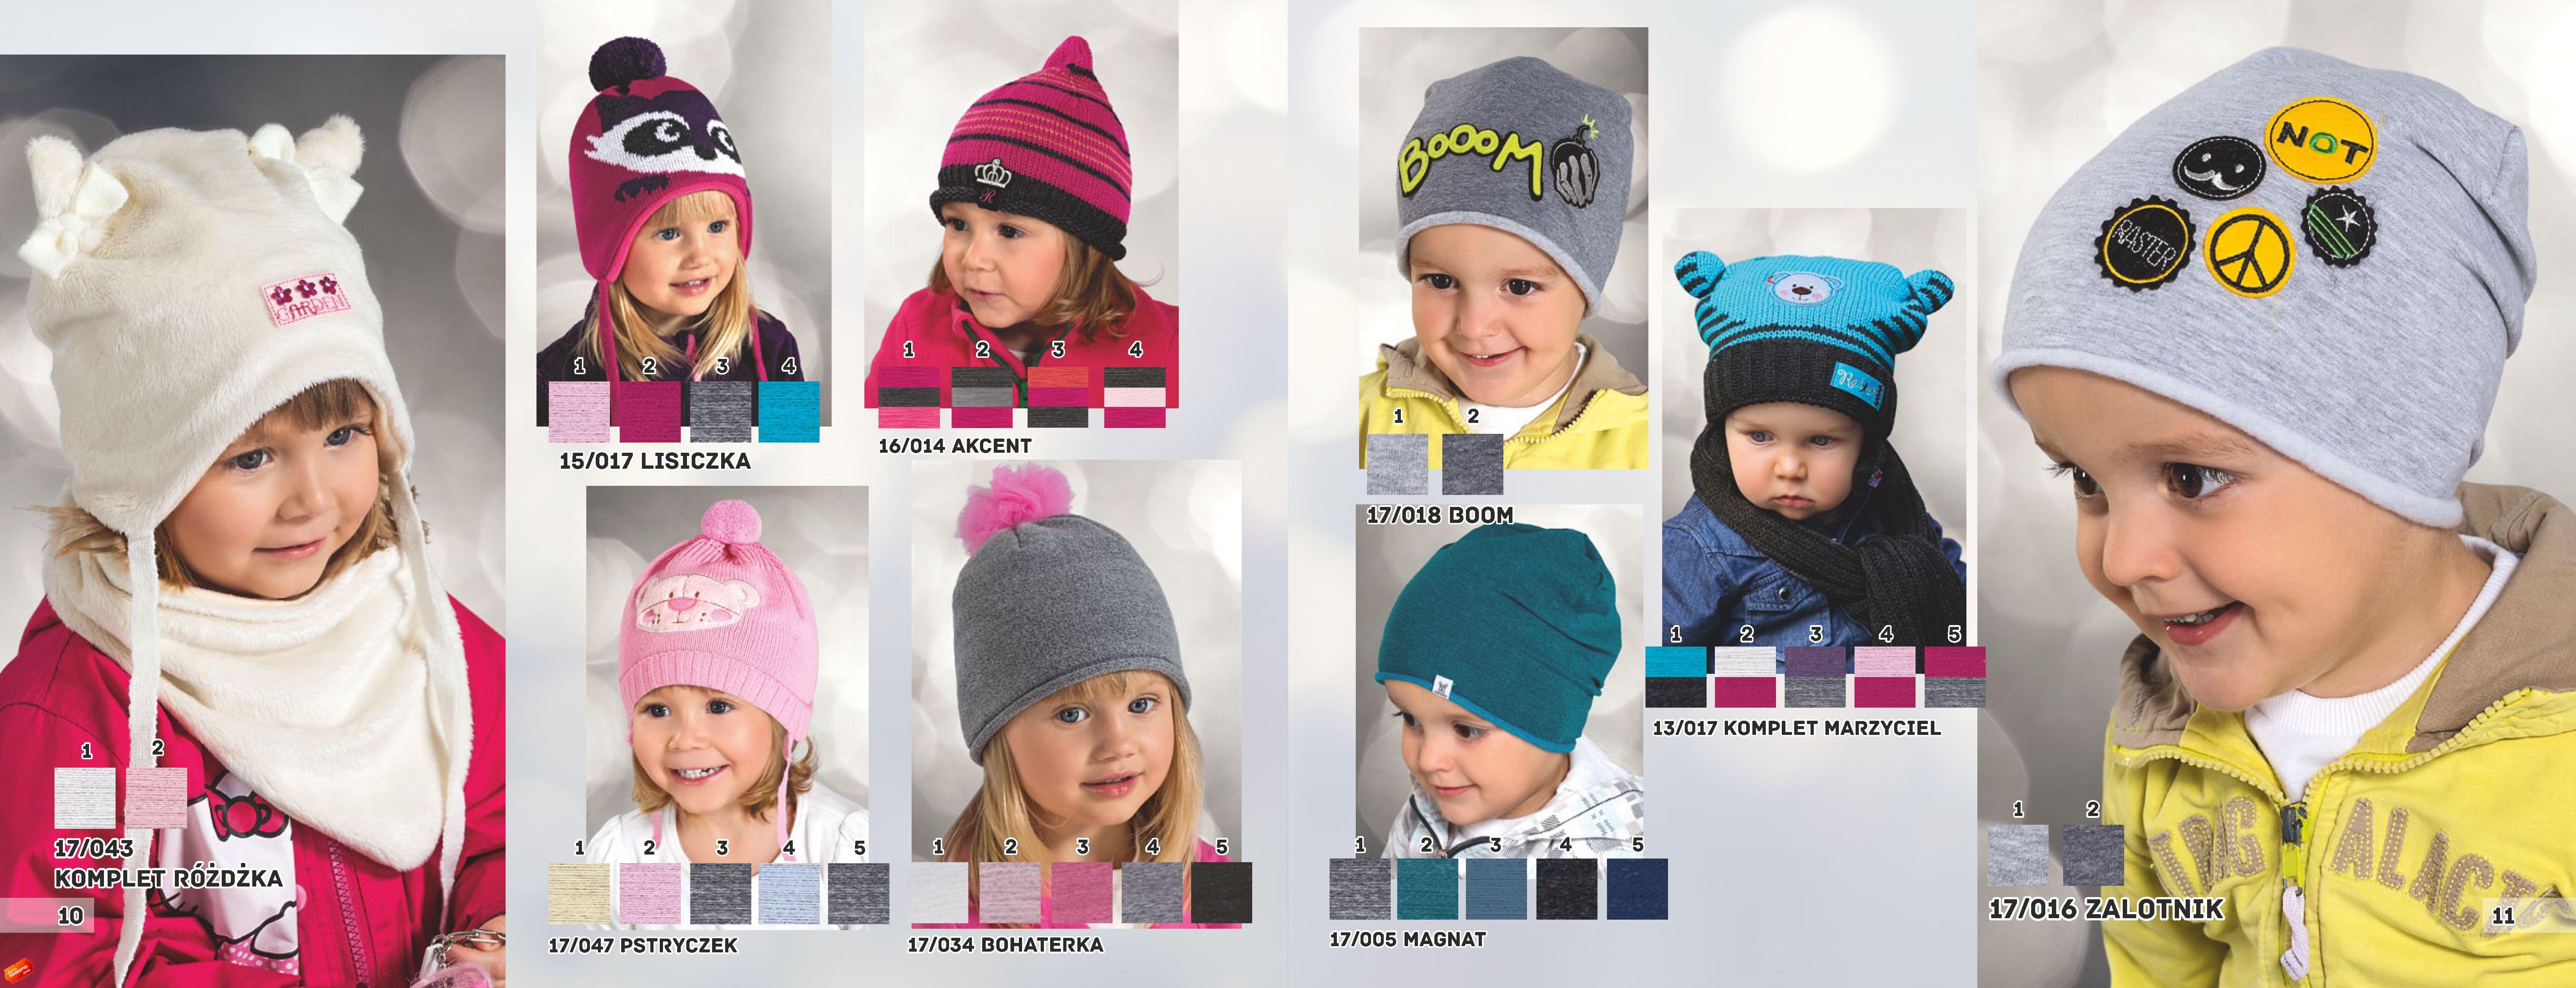 Сбор заказов.Очень красивые польские шапки Rасtеr.зима 2015-2016.размеры от 38 до 58.без рядов.3 выкуп